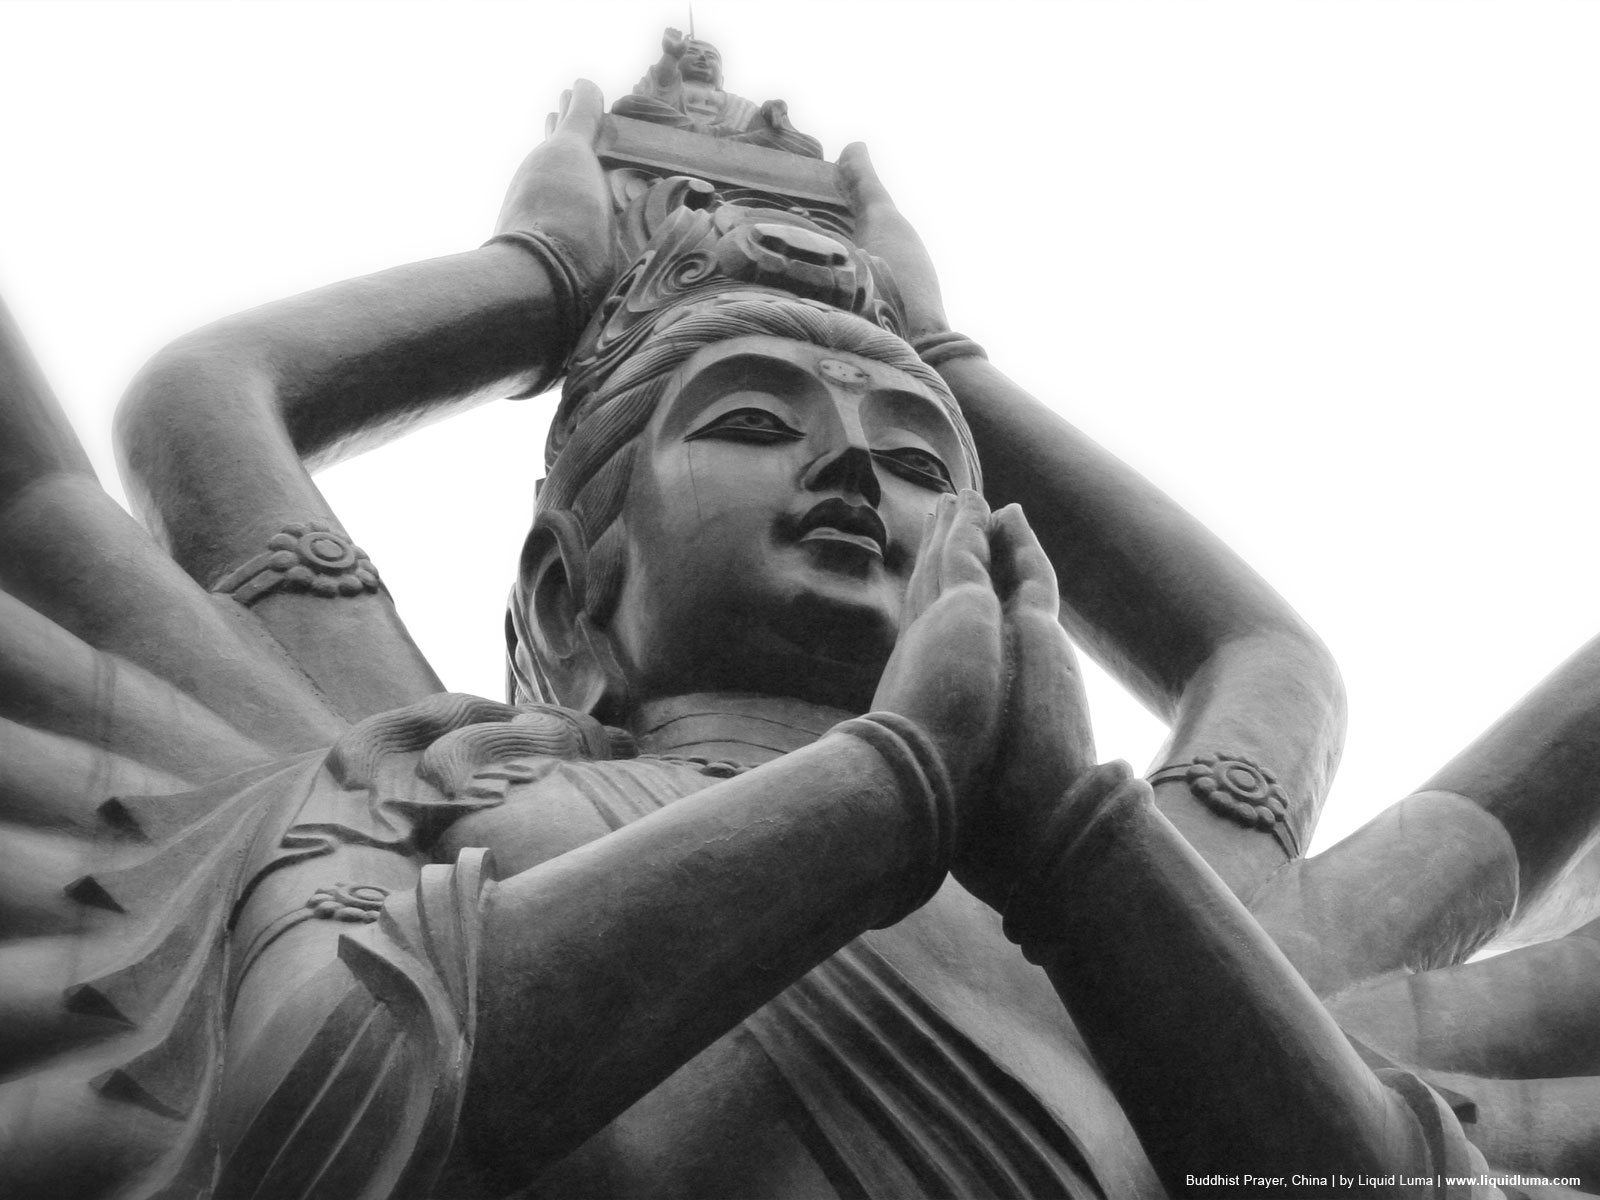 壁纸1600×1200纯粹的光影美学 人文建筑黑白摄影壁纸 Buddhist Prayer China 中国千手观音桌面壁纸壁纸 纯粹的光影美学人文建筑黑白摄影壁纸壁纸图片人文壁纸人文图片素材桌面壁纸